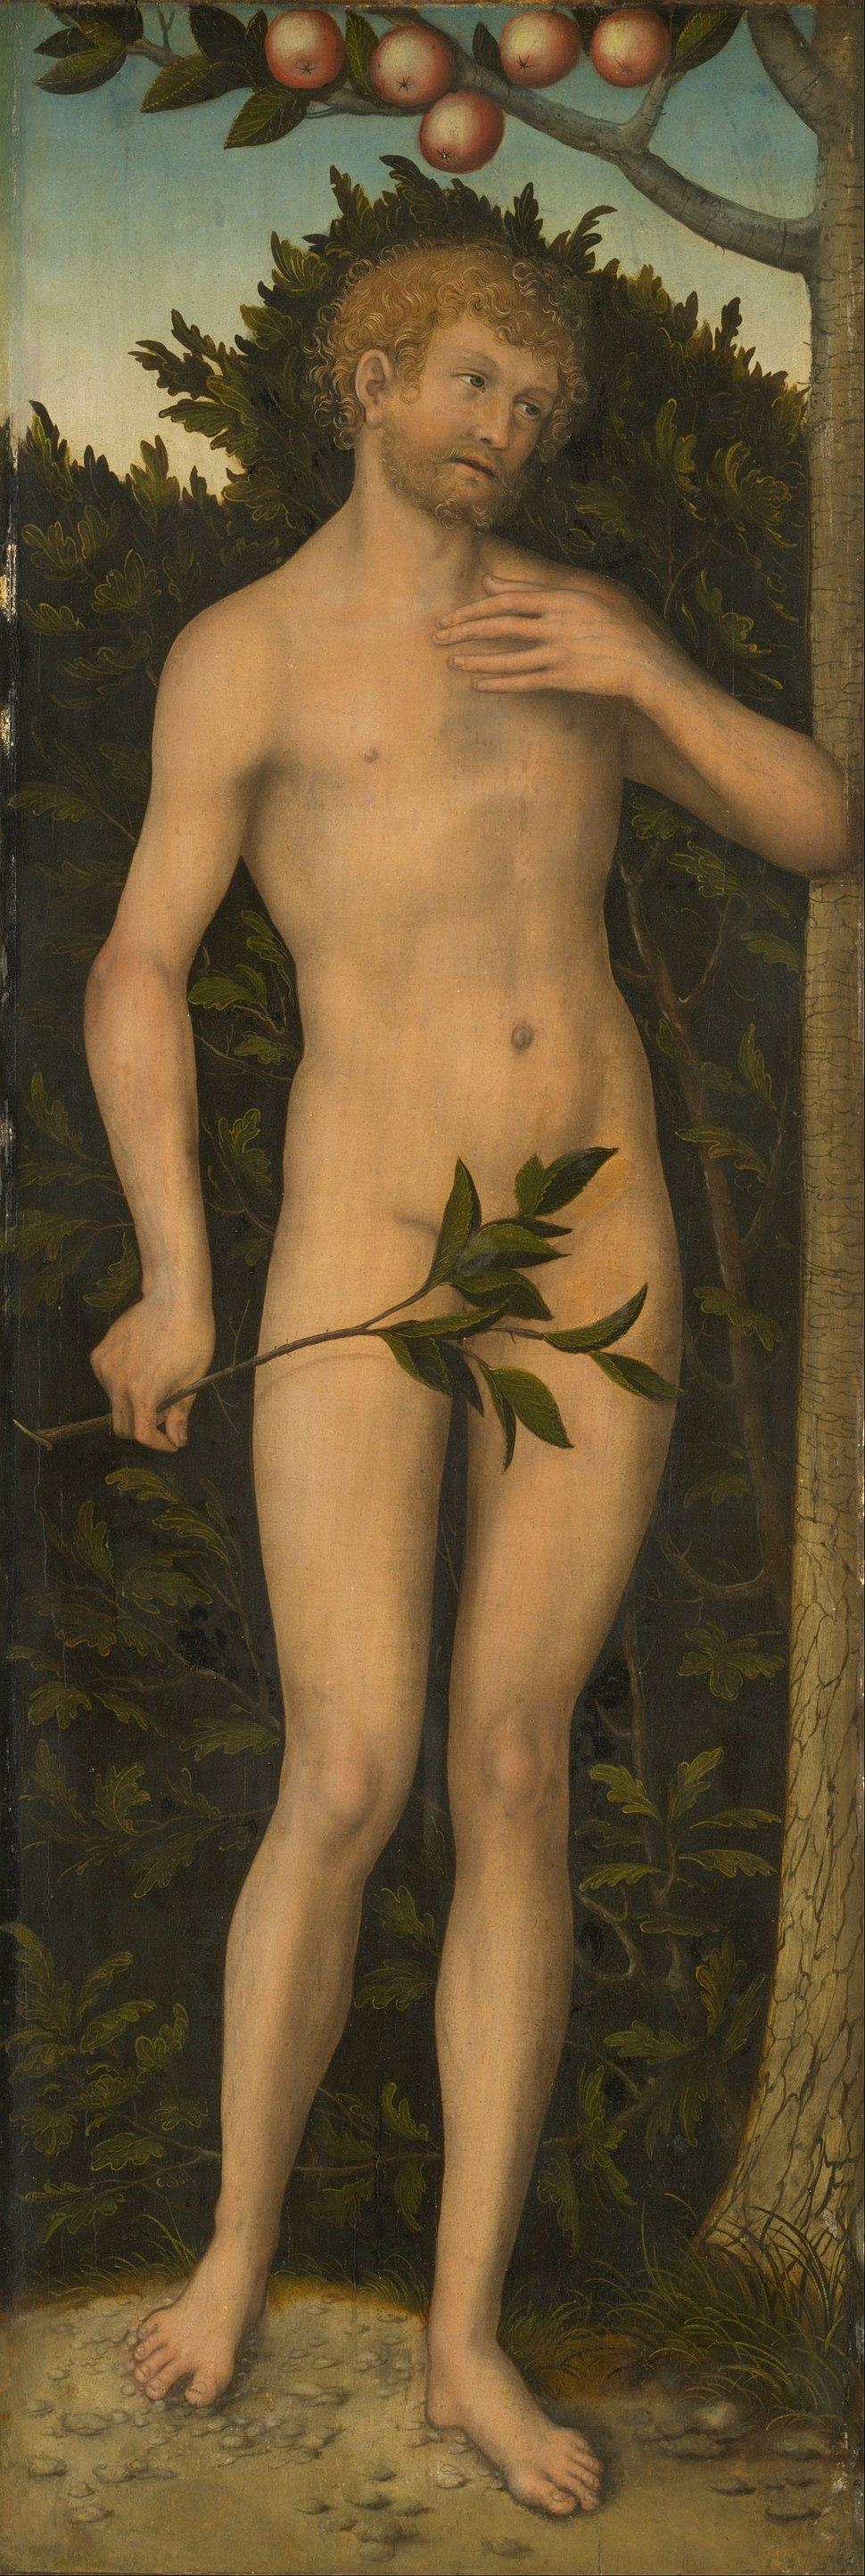 Lucas Cranach the Elder - Adam - Google Art Project